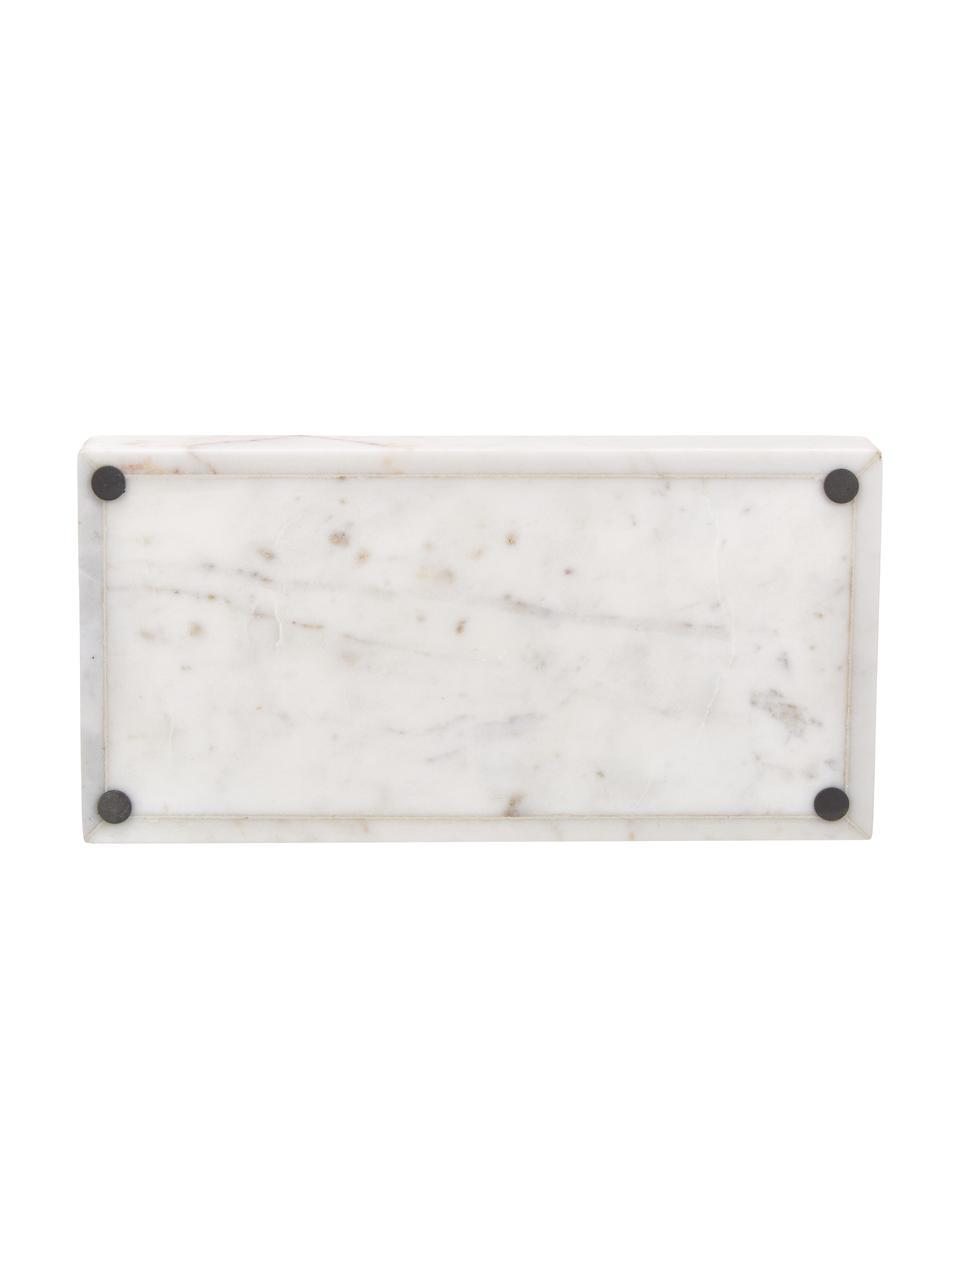 Taca dekoracyjna z marmuru Sienna, Marmur, Biały, S 15 x W 4 cm